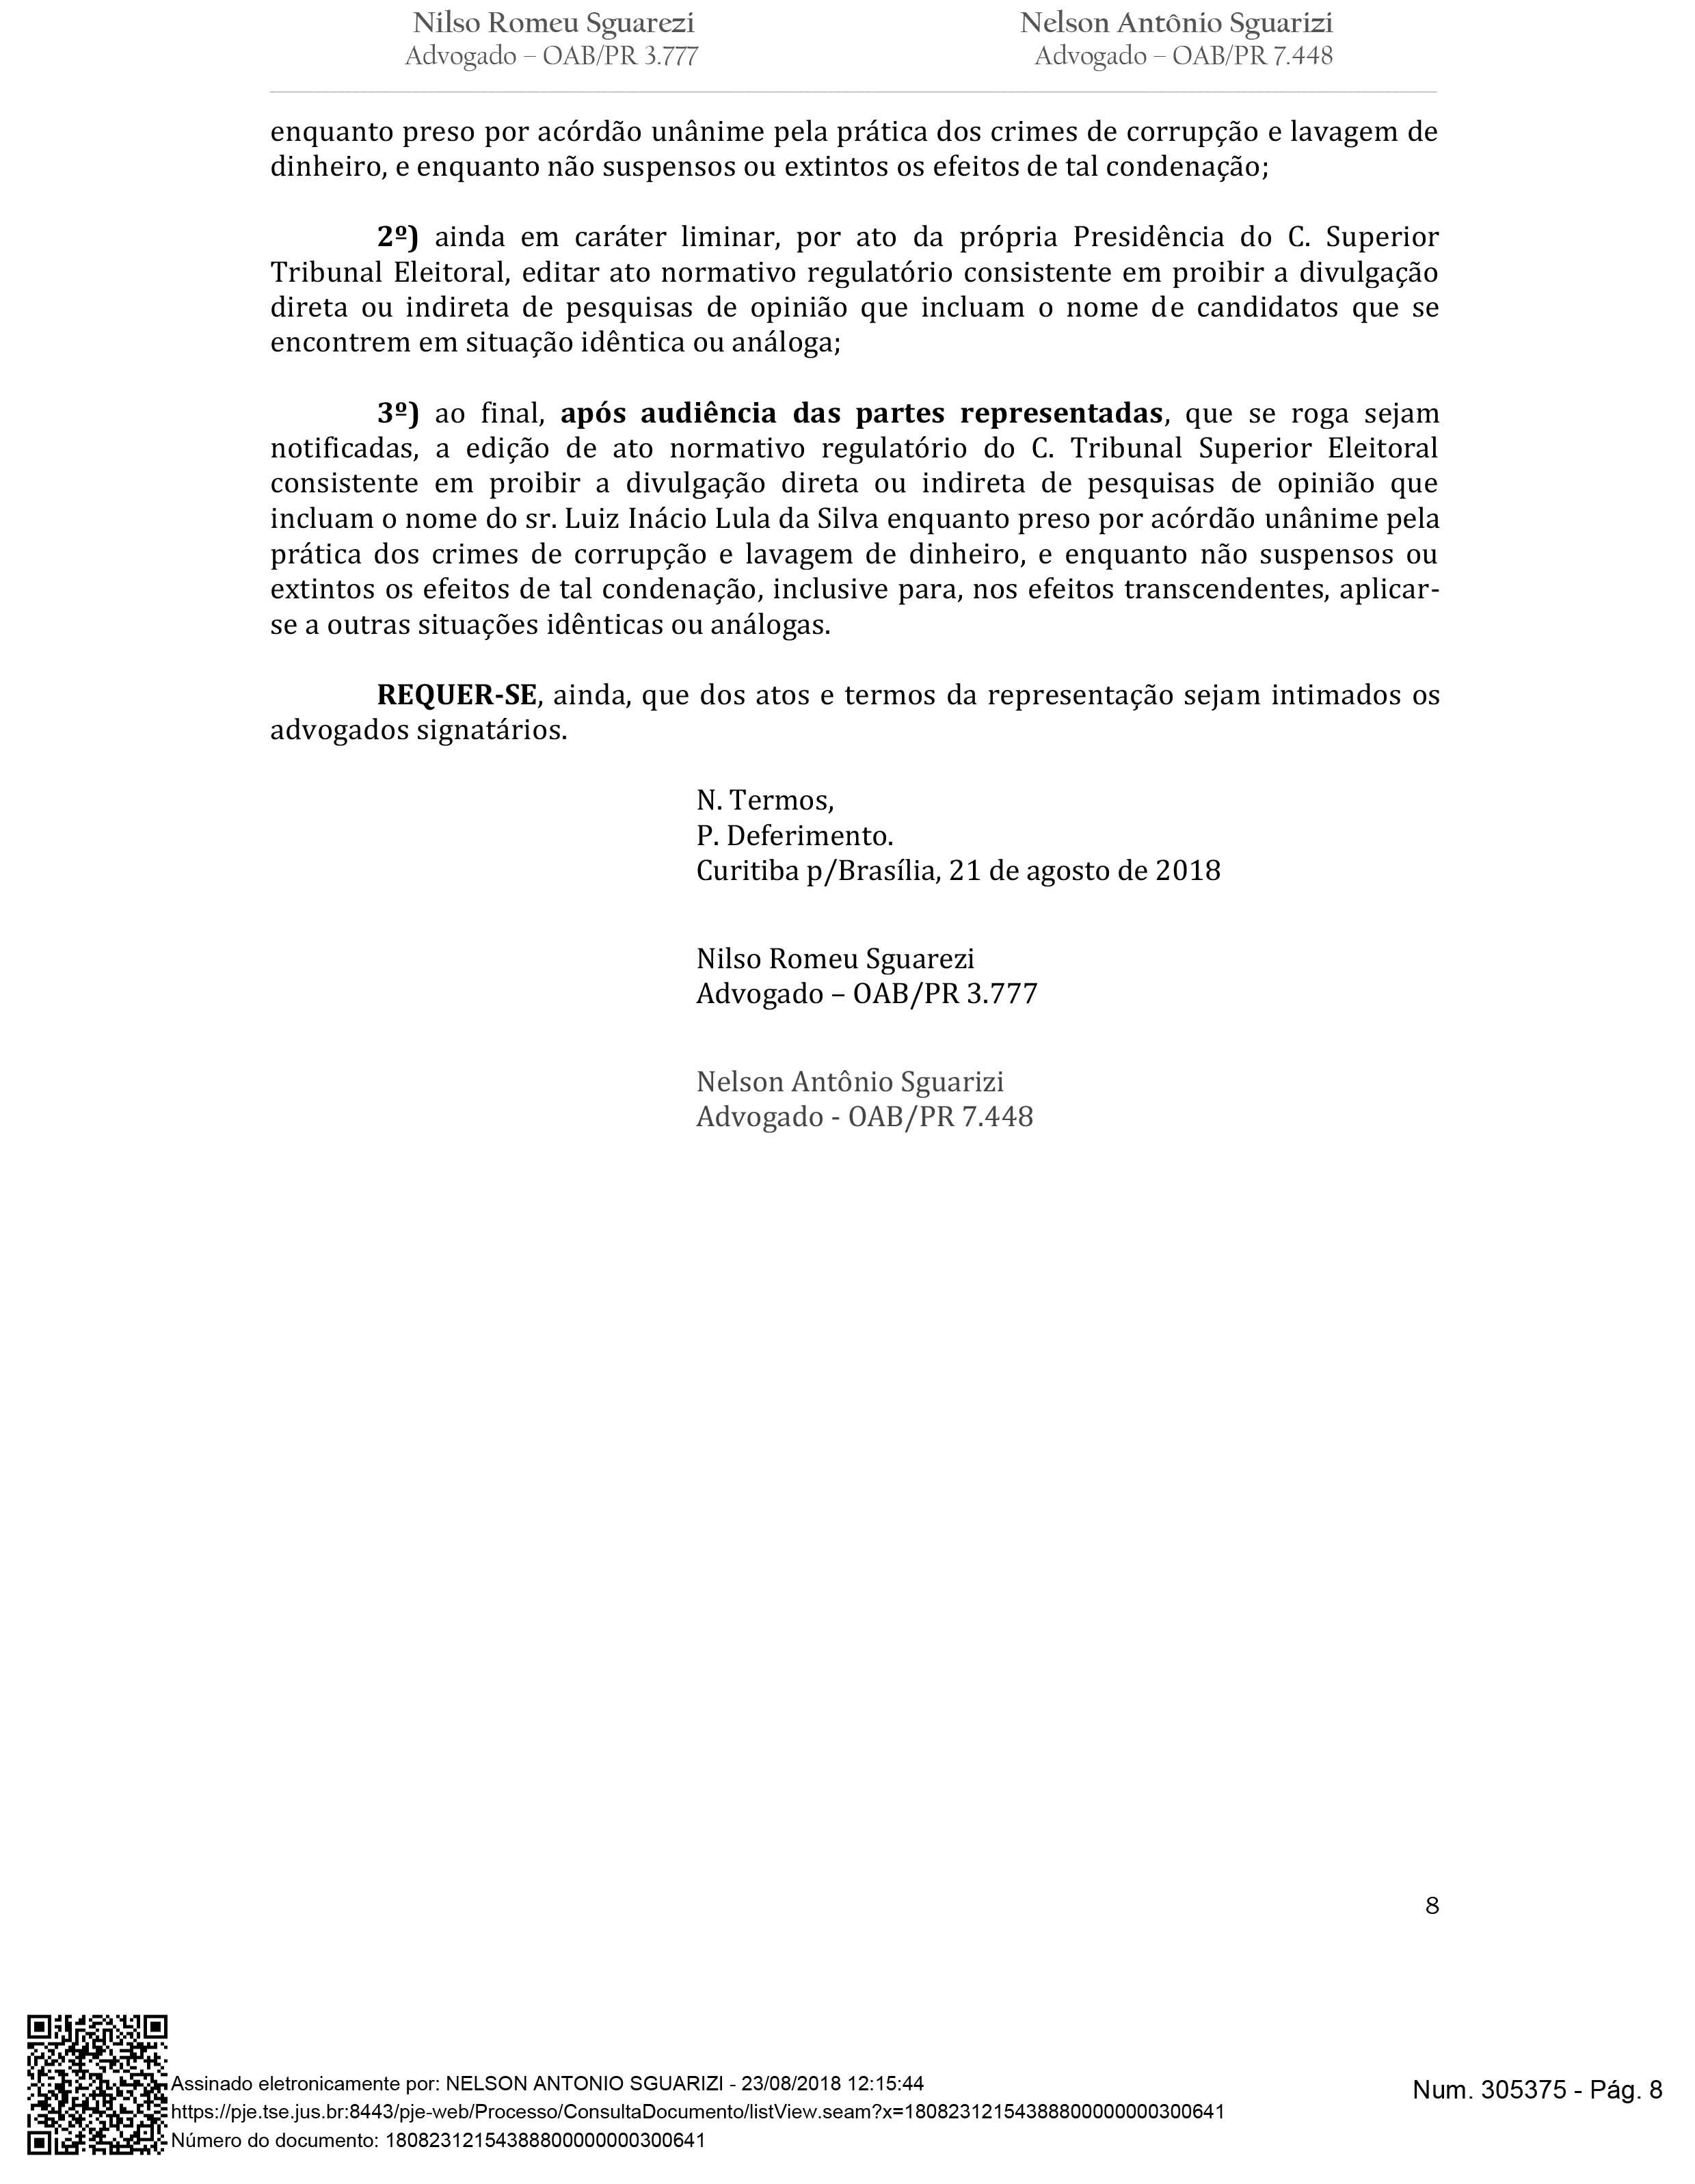 ADVOGADO: NELSON ANTONIO SGUARIZI; REPRESENTANTE: INSTITUTO DEMOCRACIA E LIBERDADE - IDL; REPRESENTANTE: LUIZ AUGUSTO SILVA